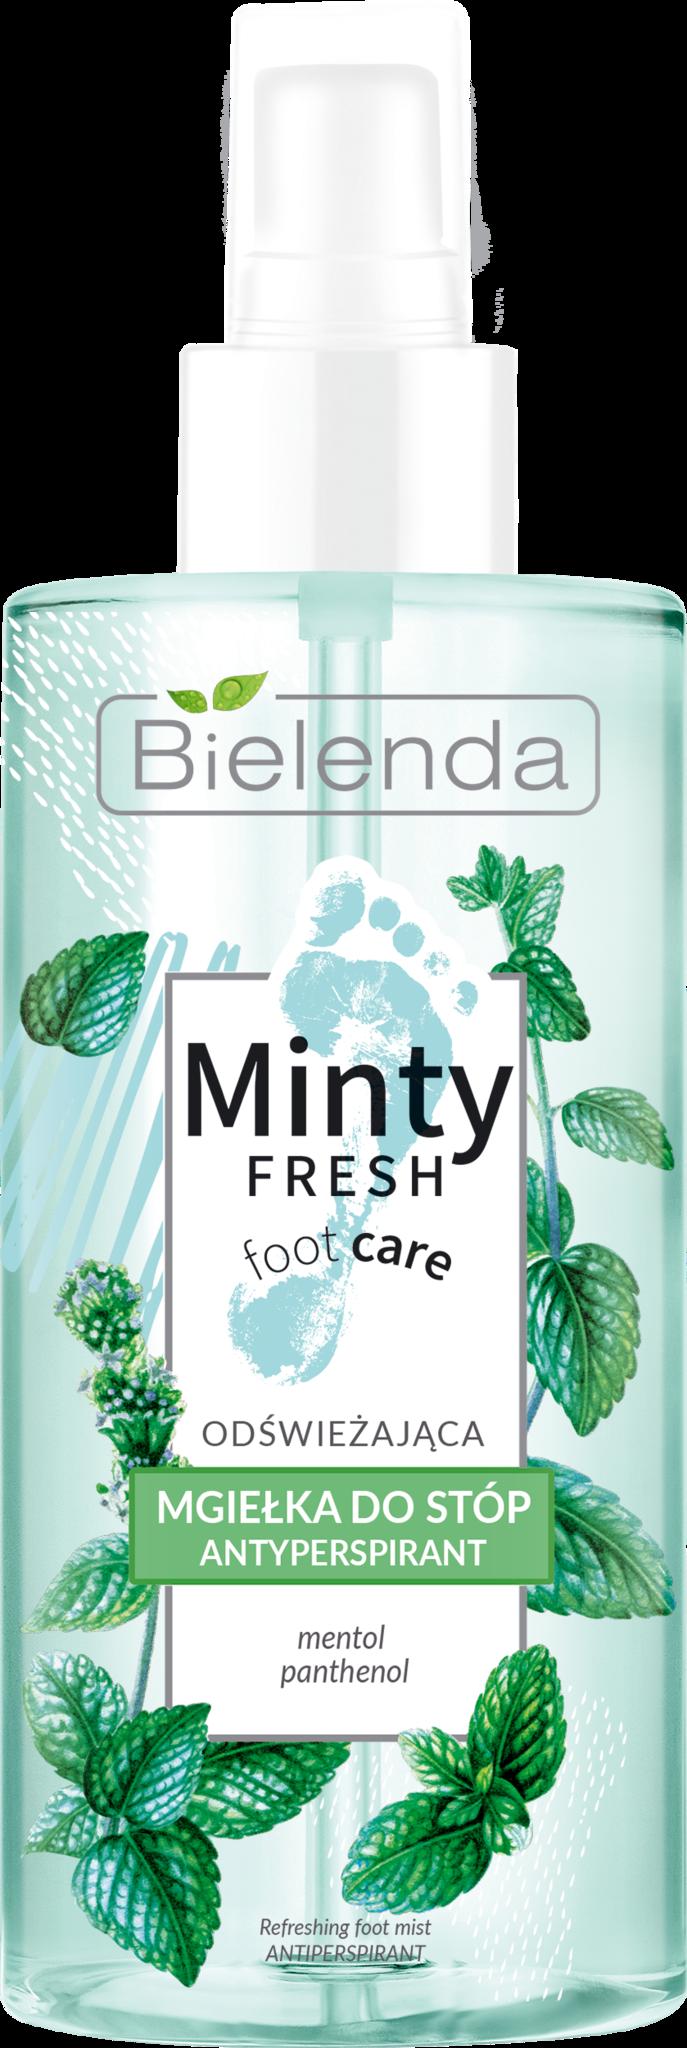 MINTY FRESH FOOT CARE освежающий антиперспирант для ног, распылитель, 150 мл